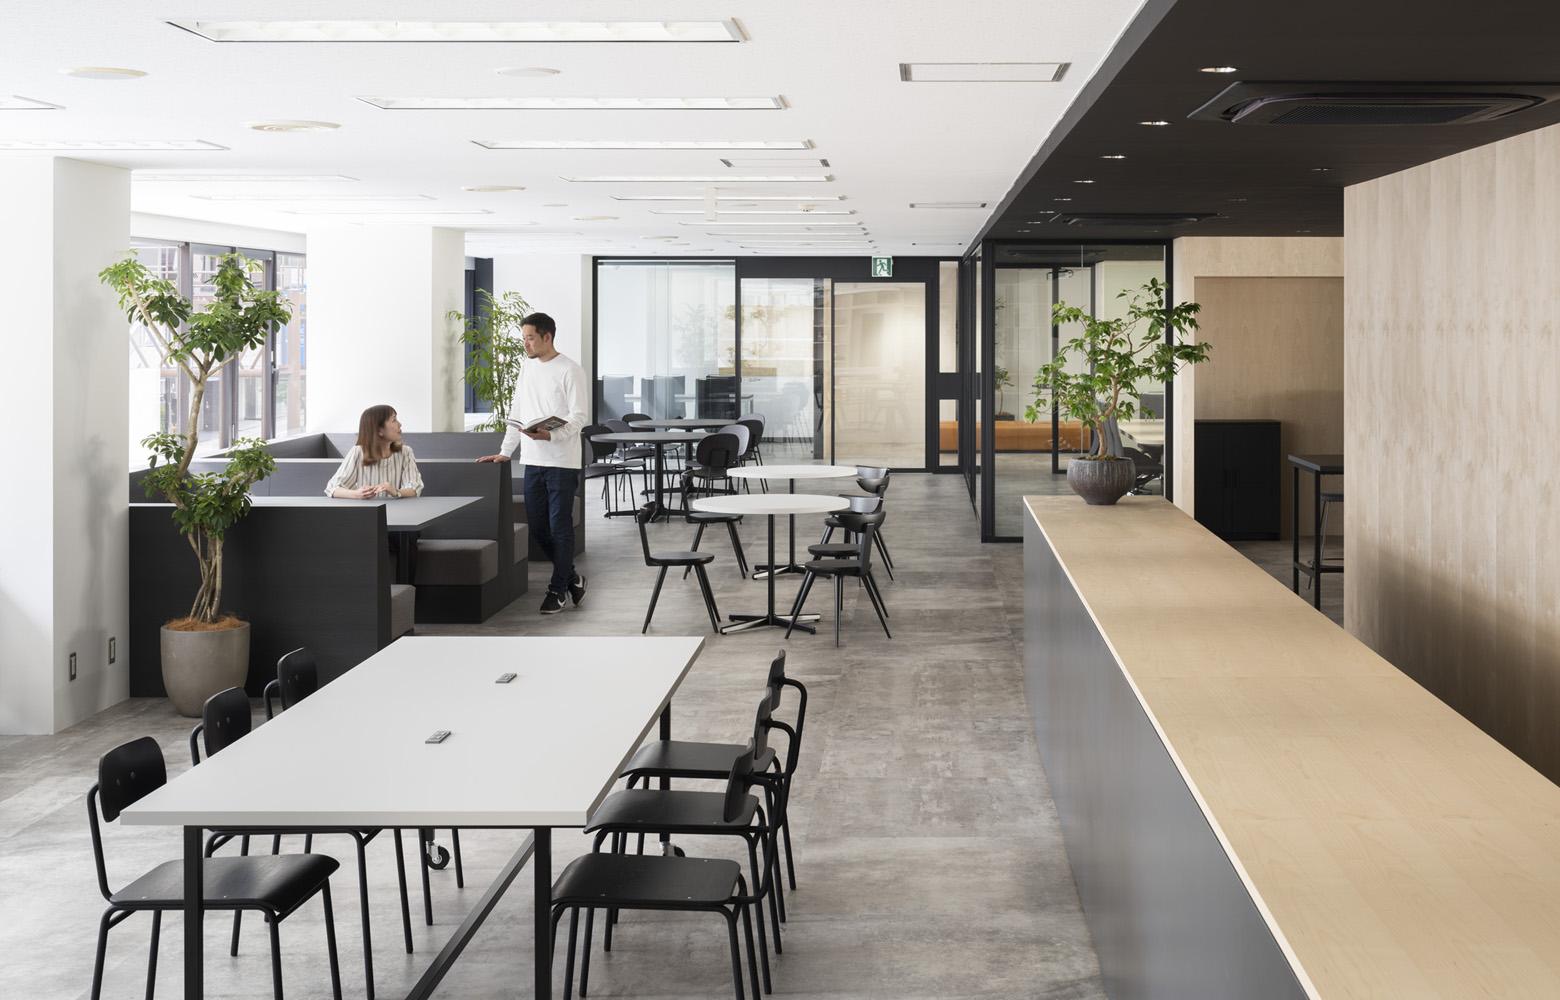 リンクタイズ株式会社 Open Lounge_2 デザイン・レイアウト事例